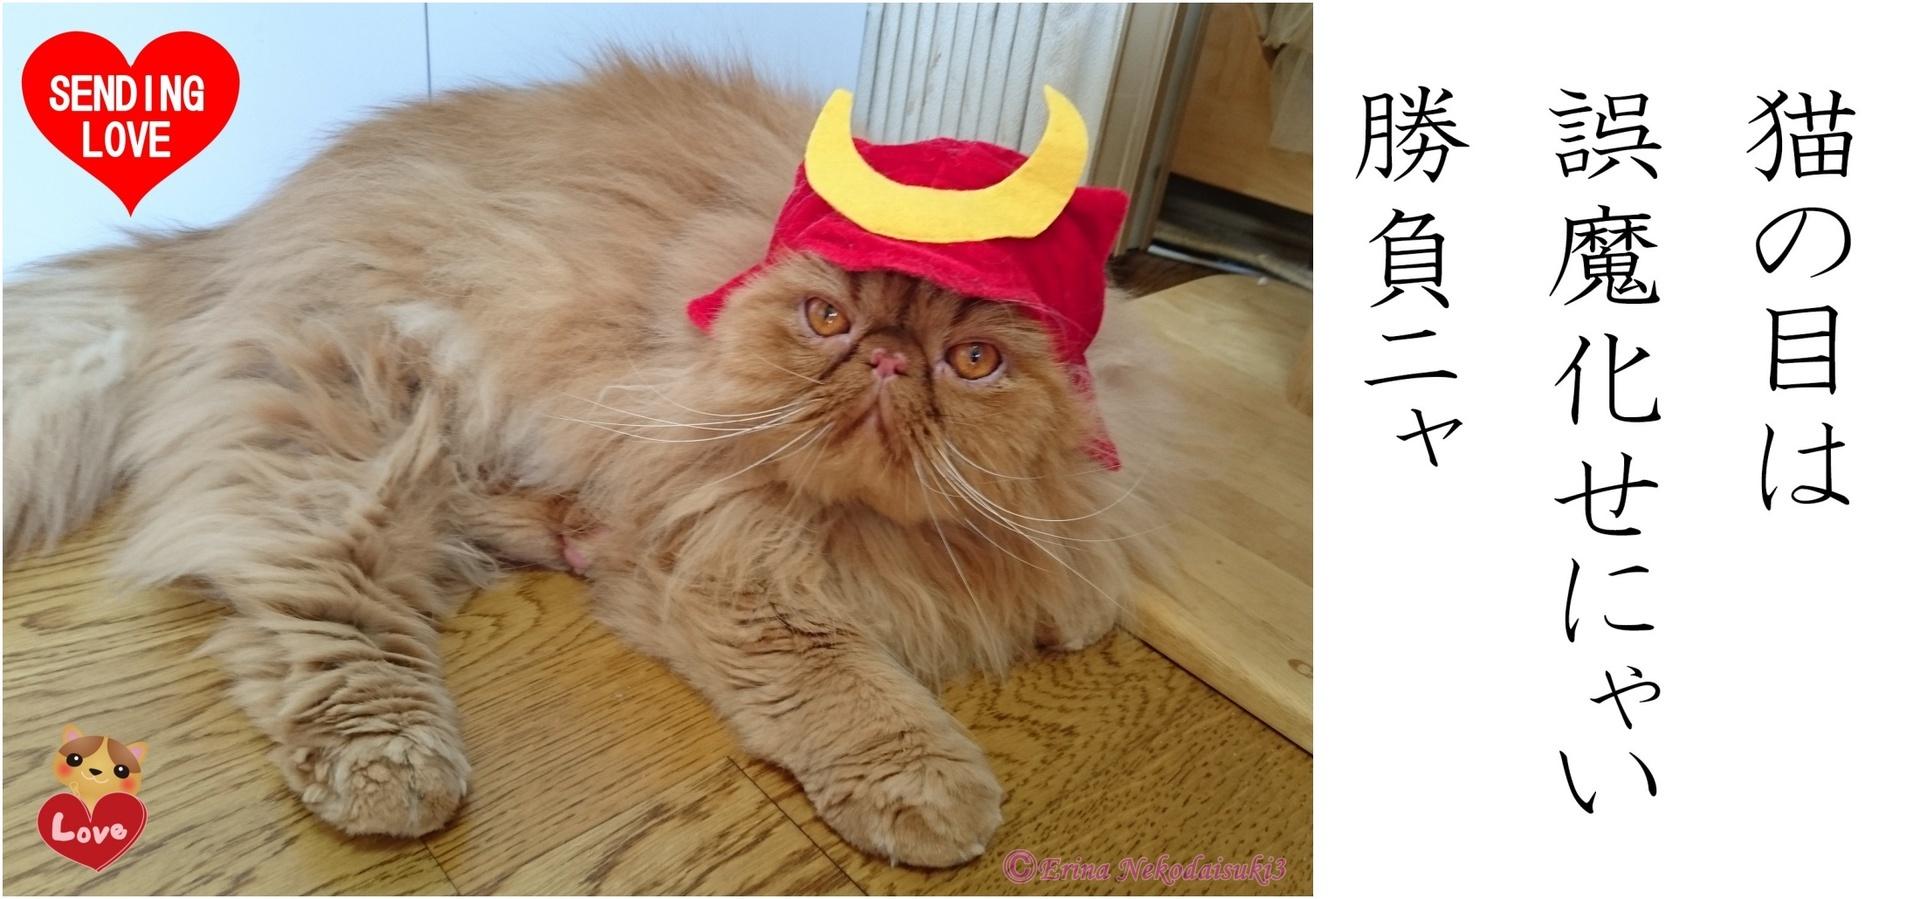 Ⓒたくましいエポちゃん赤い兜被る-side.JPG